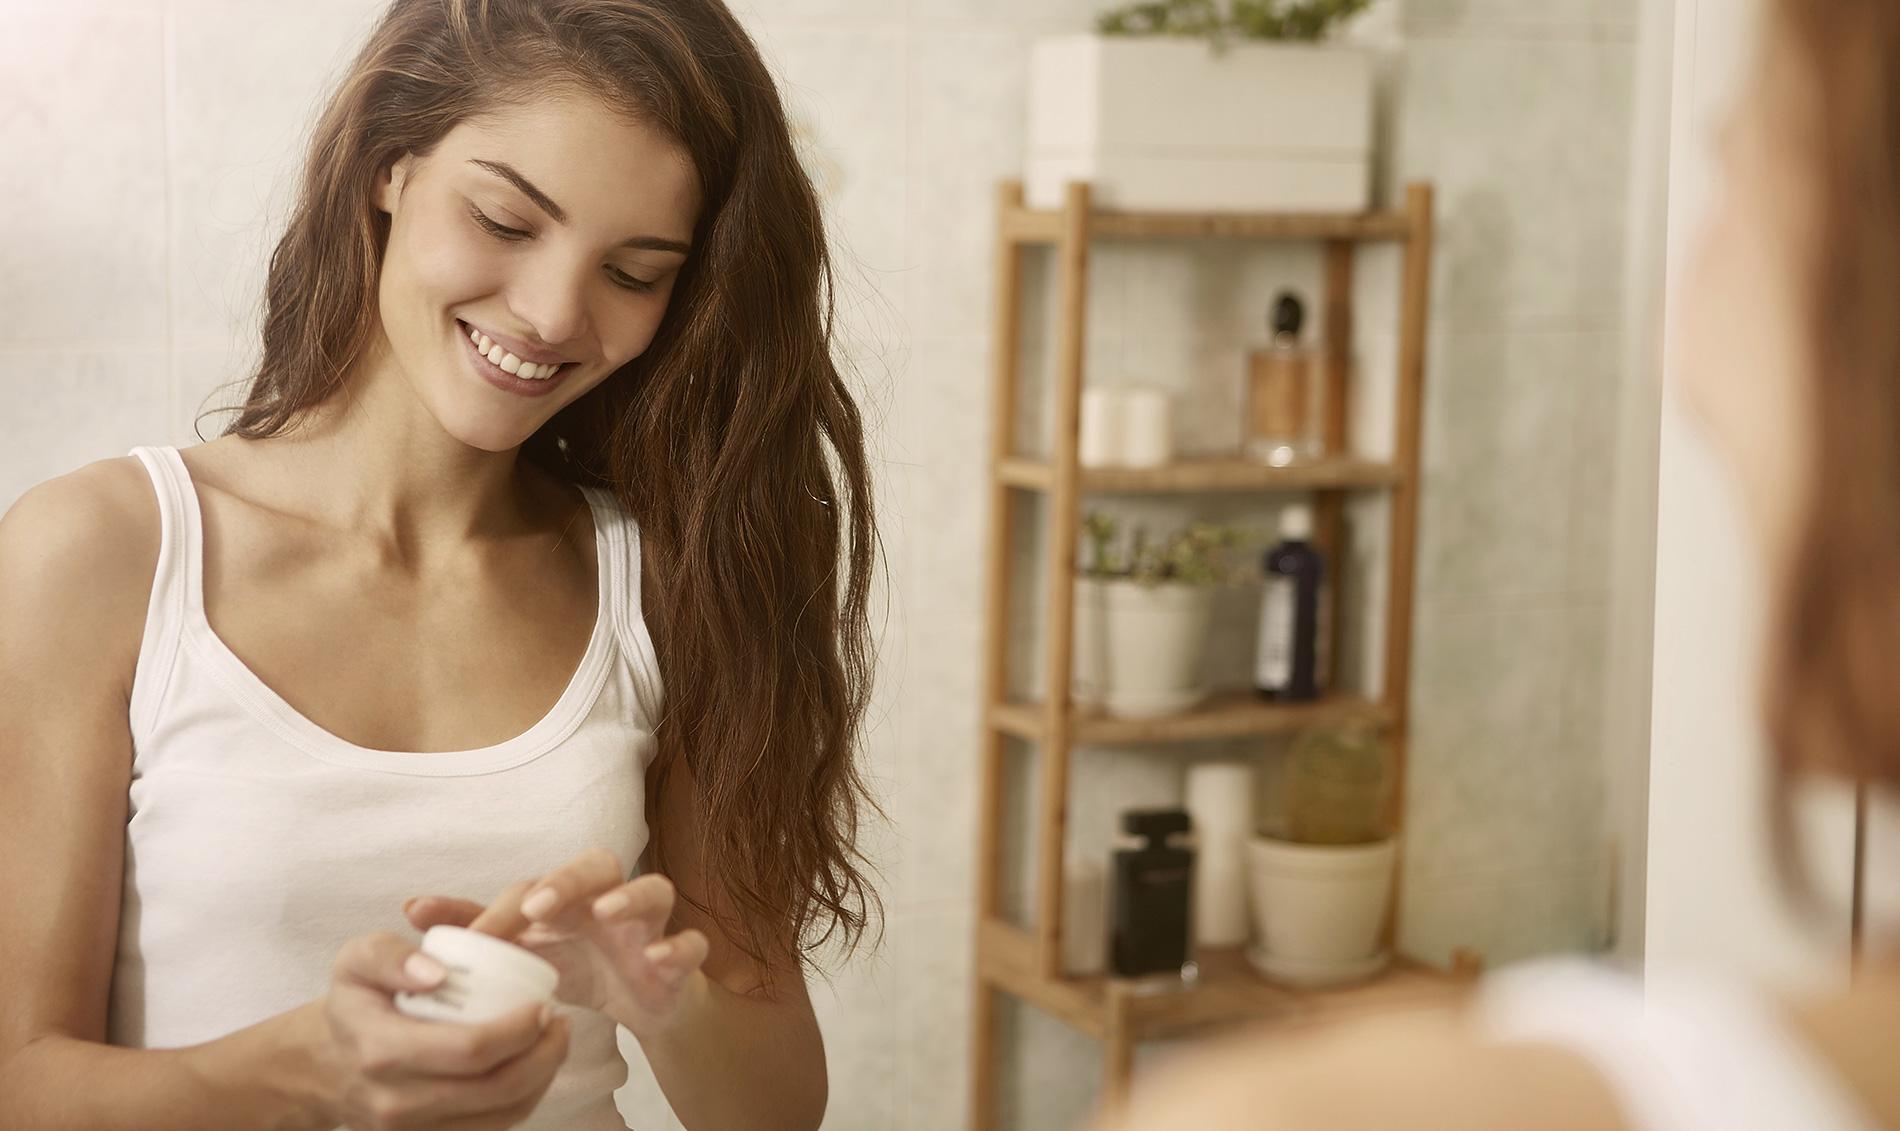 préparer sa peau avant le soleil medecine esthetique